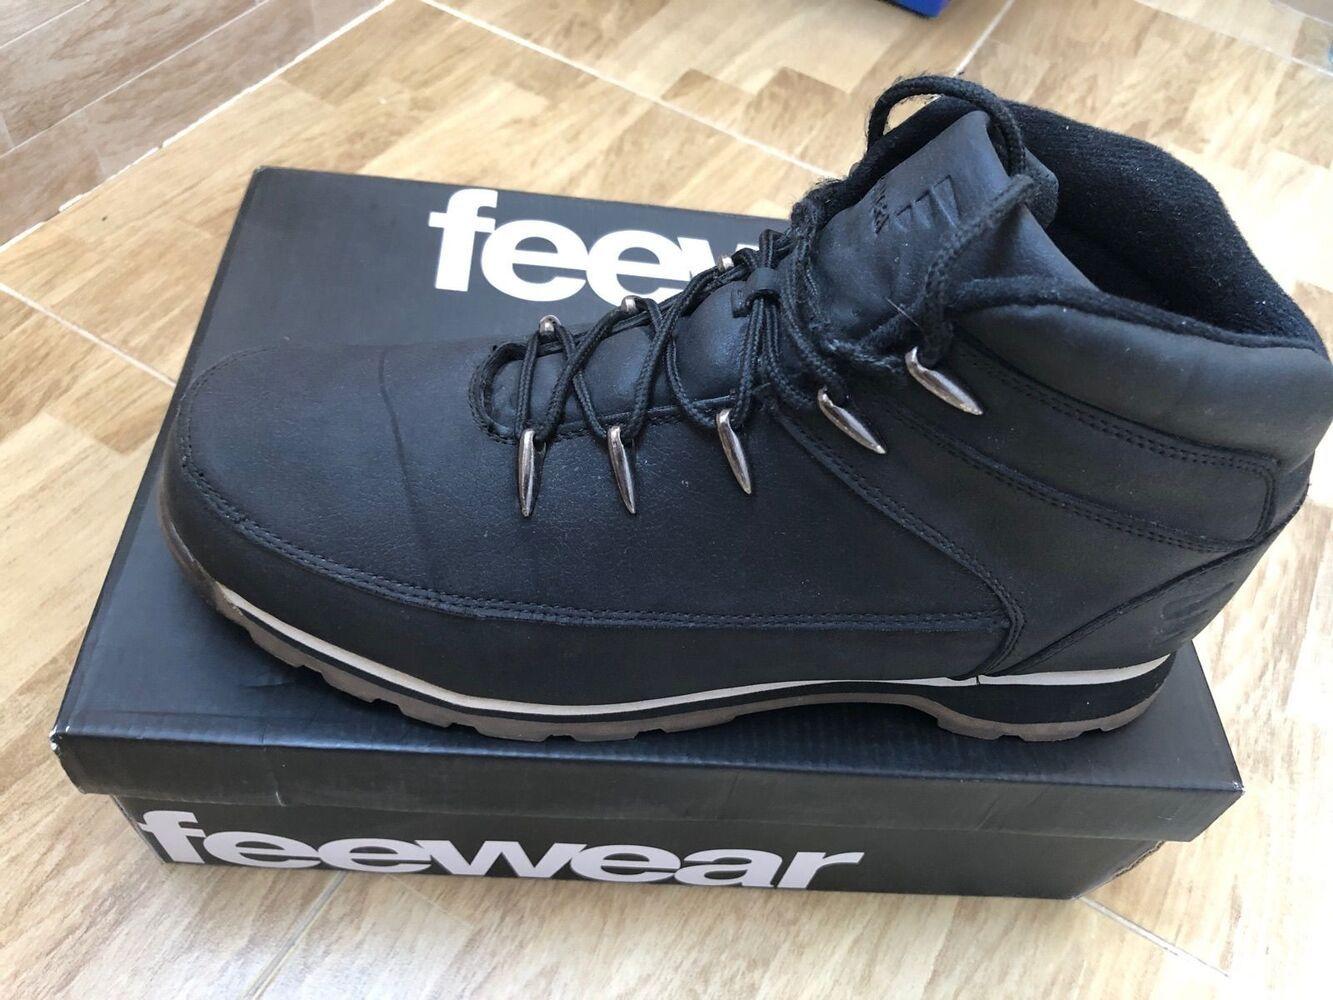 Продам чоловічі черевики Feewear типу Timberlend колір графіт